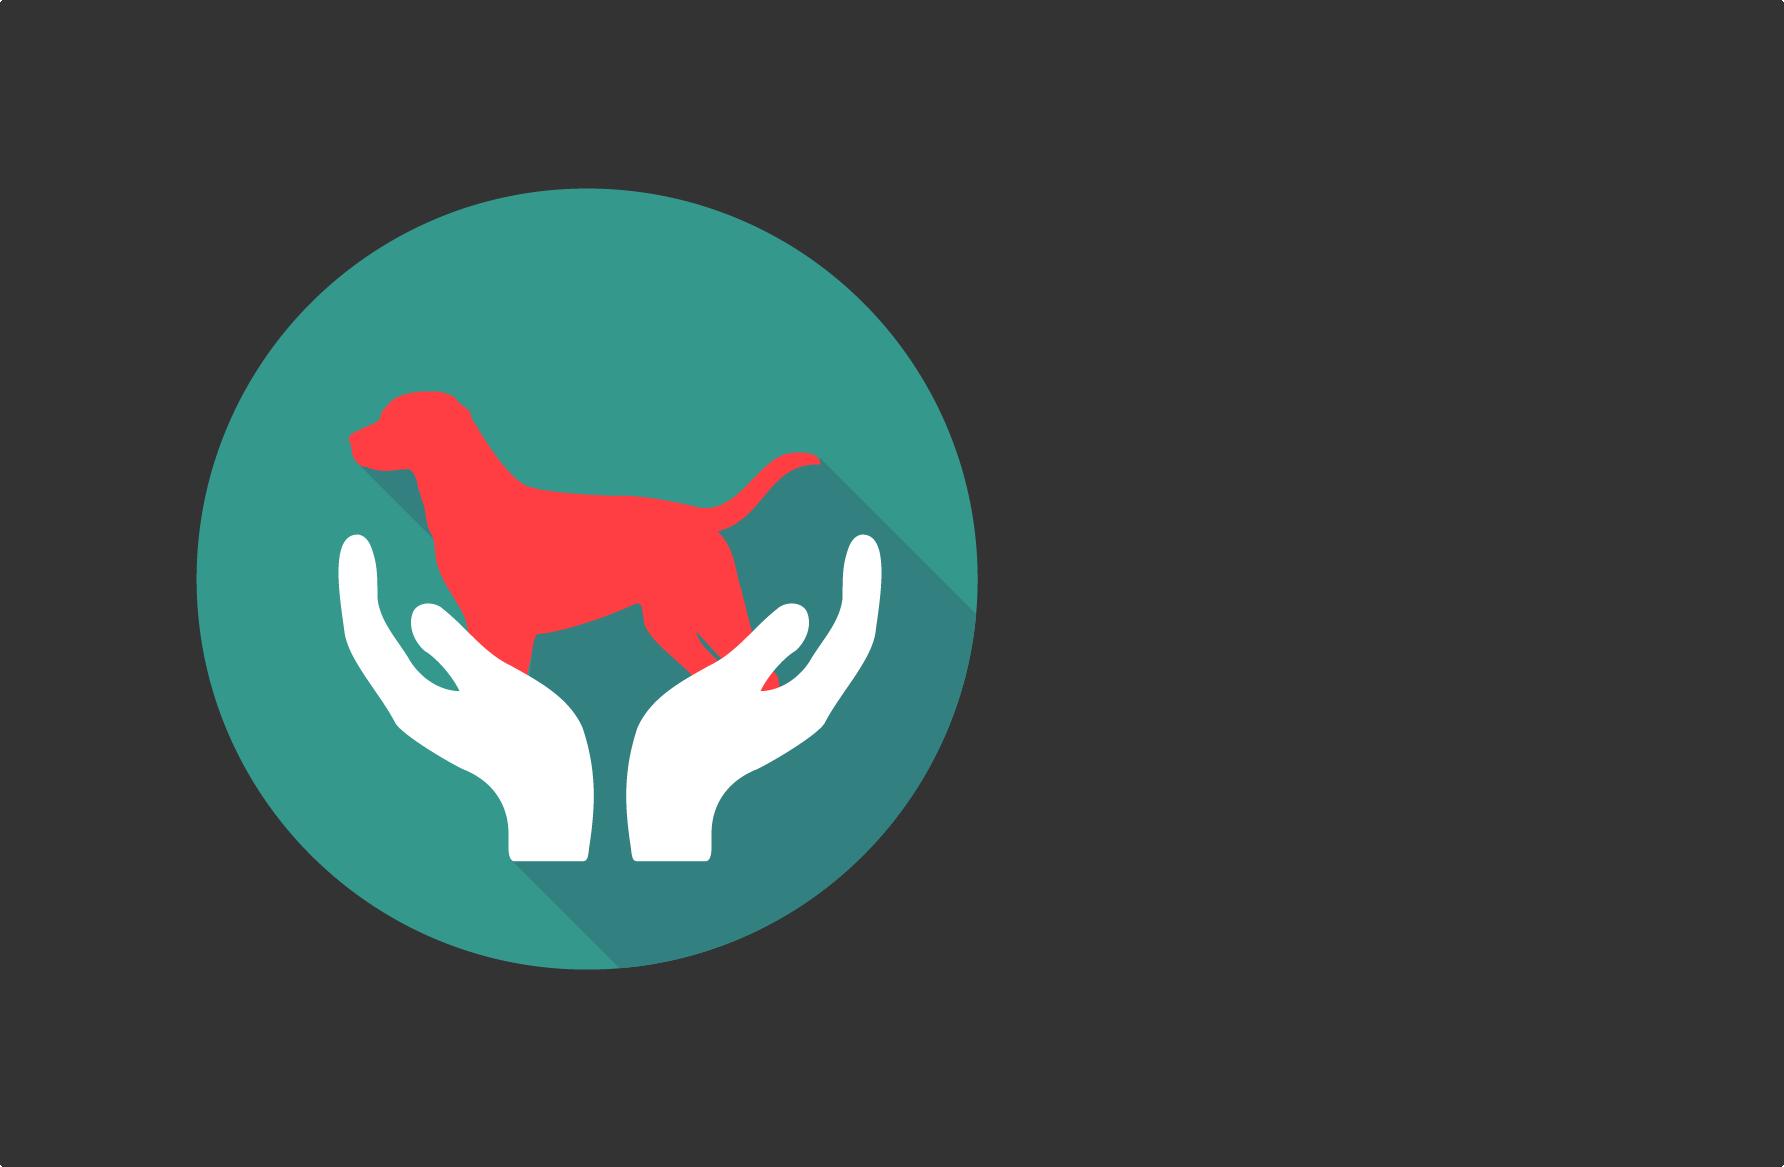 Analgésie Raisonnée - Une prise en charge médicale reposant sur les principes de l'Analgésie Raisonnée et Protectrice pour tenir compte de l'approche mécanistique de la douleur mais aussi de la vulnérabilité propre à chaque animal souffrant.